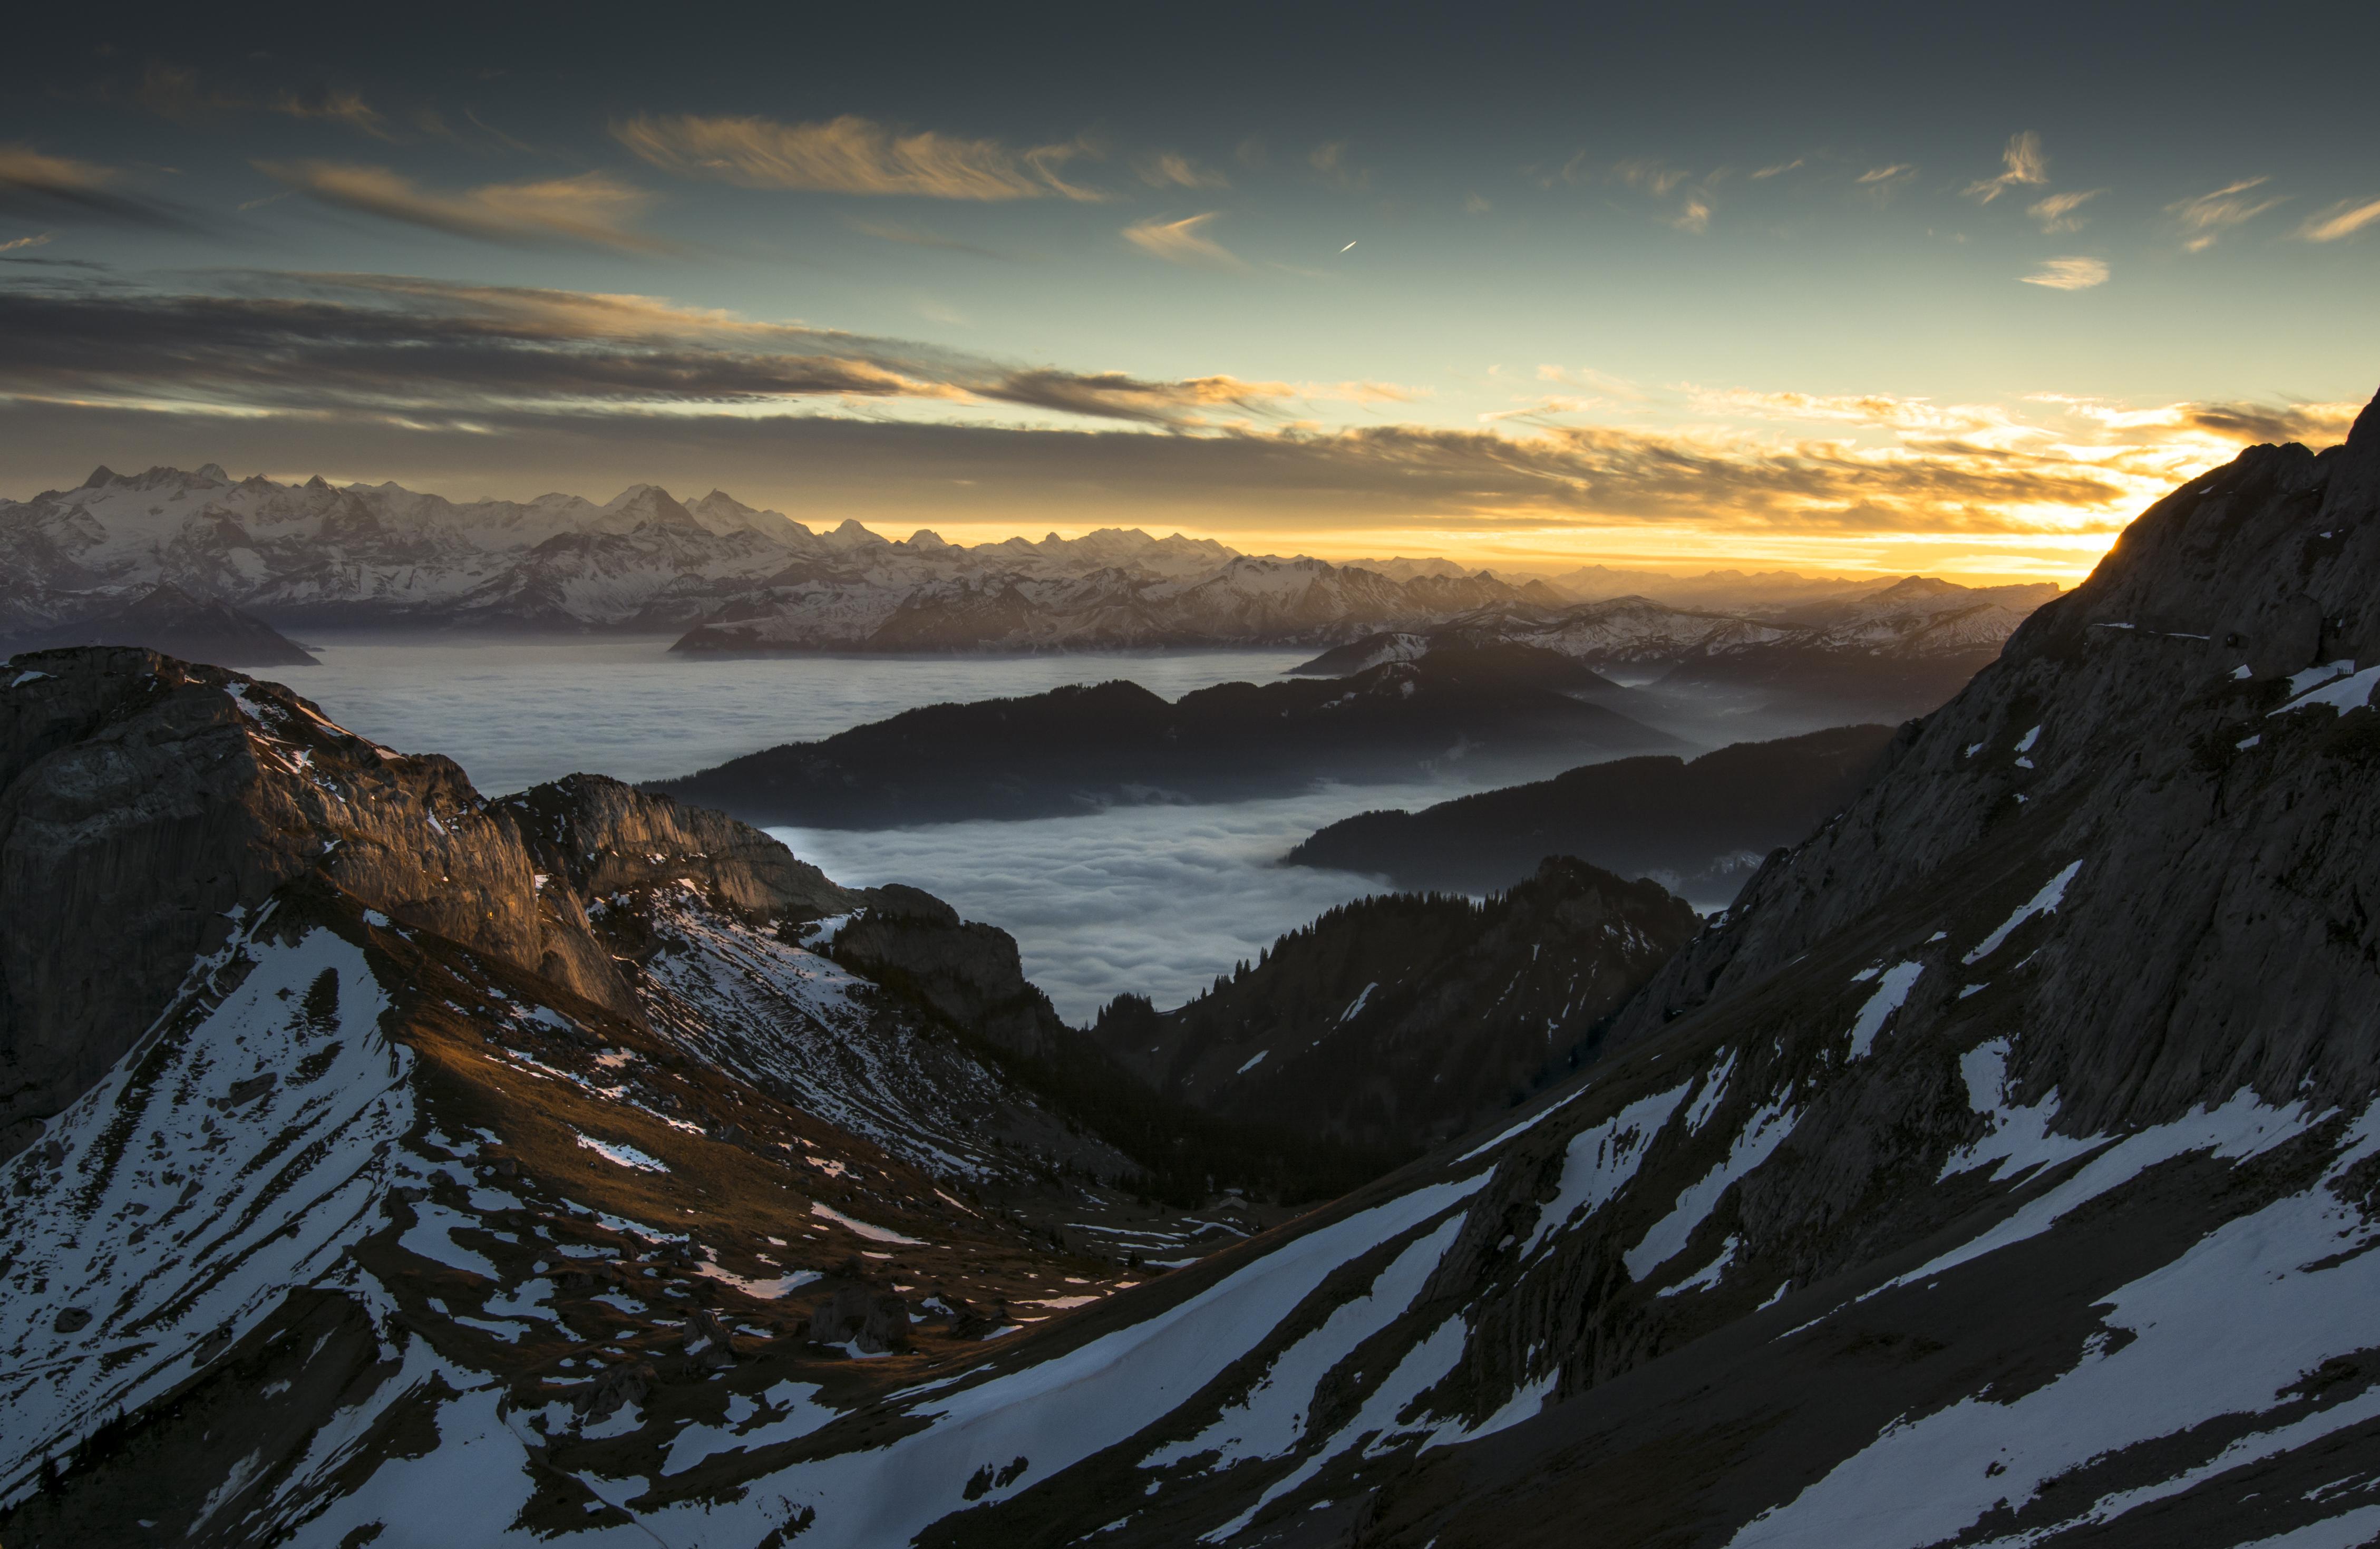 Rigi Kulm, Abendstimmung, Berge